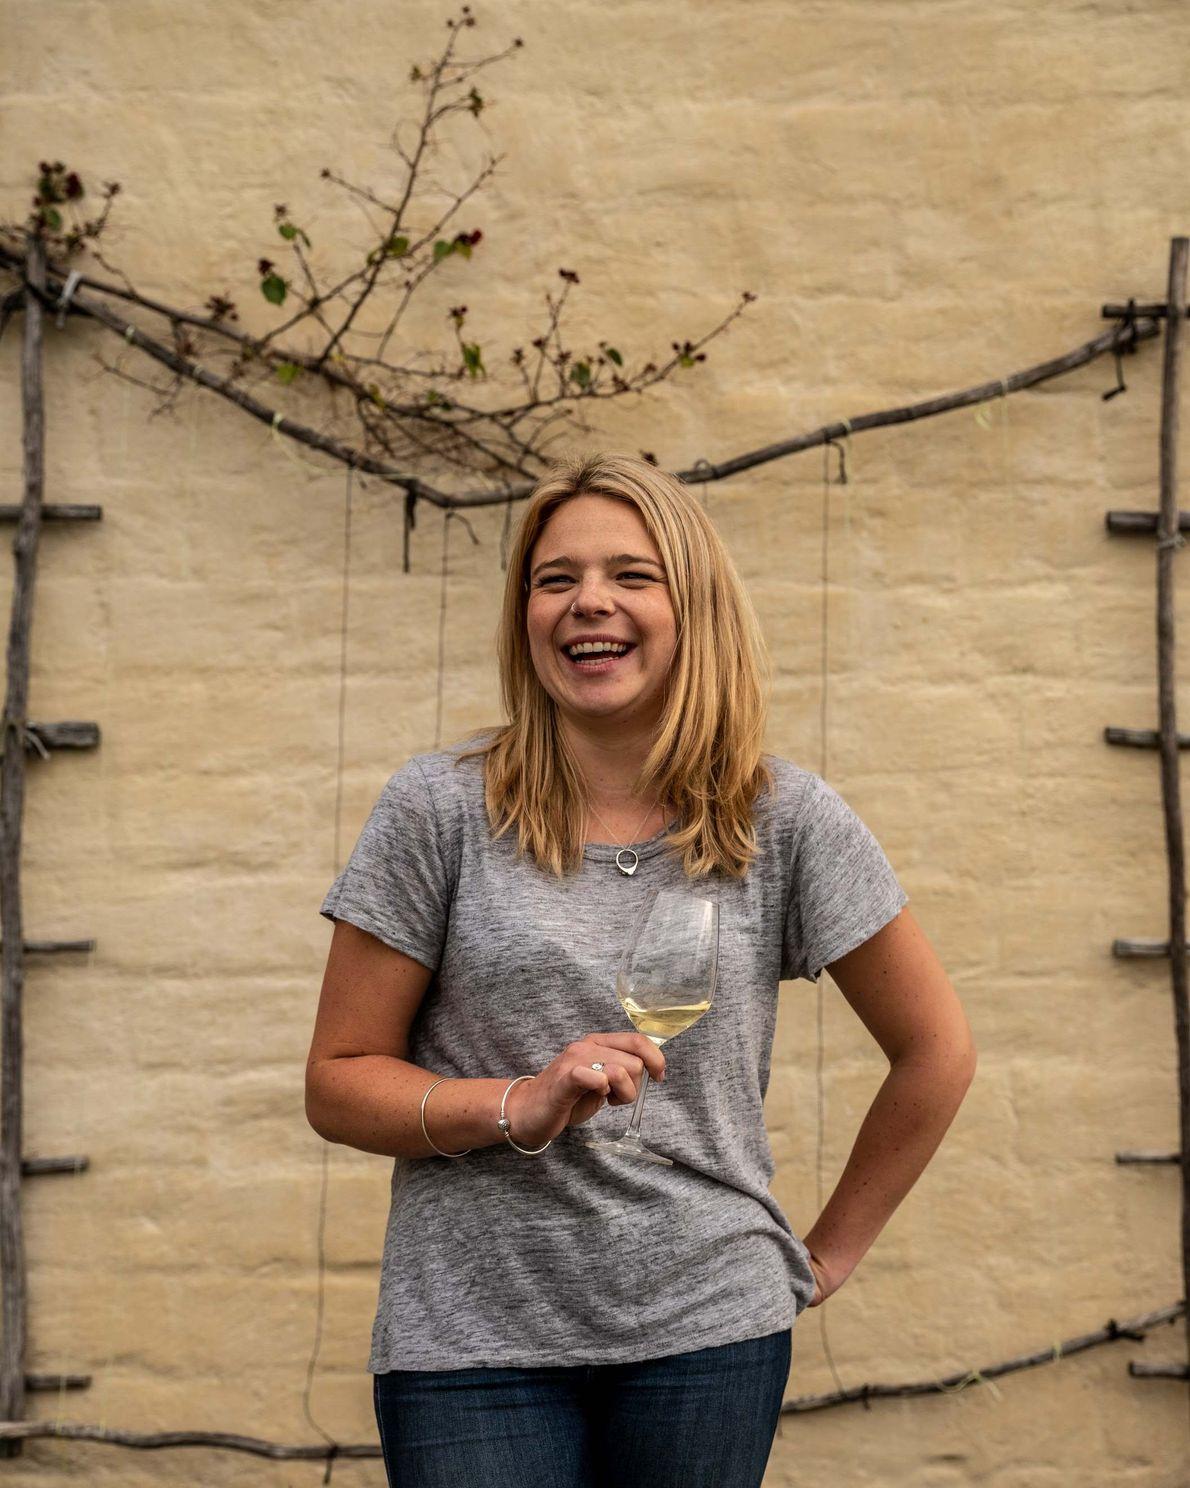 Rosie Finn ist die Markenbetreuerin des Weinguts Neudorf, einem von vielen in Nelsons exklusiver Weinregion. Das ...